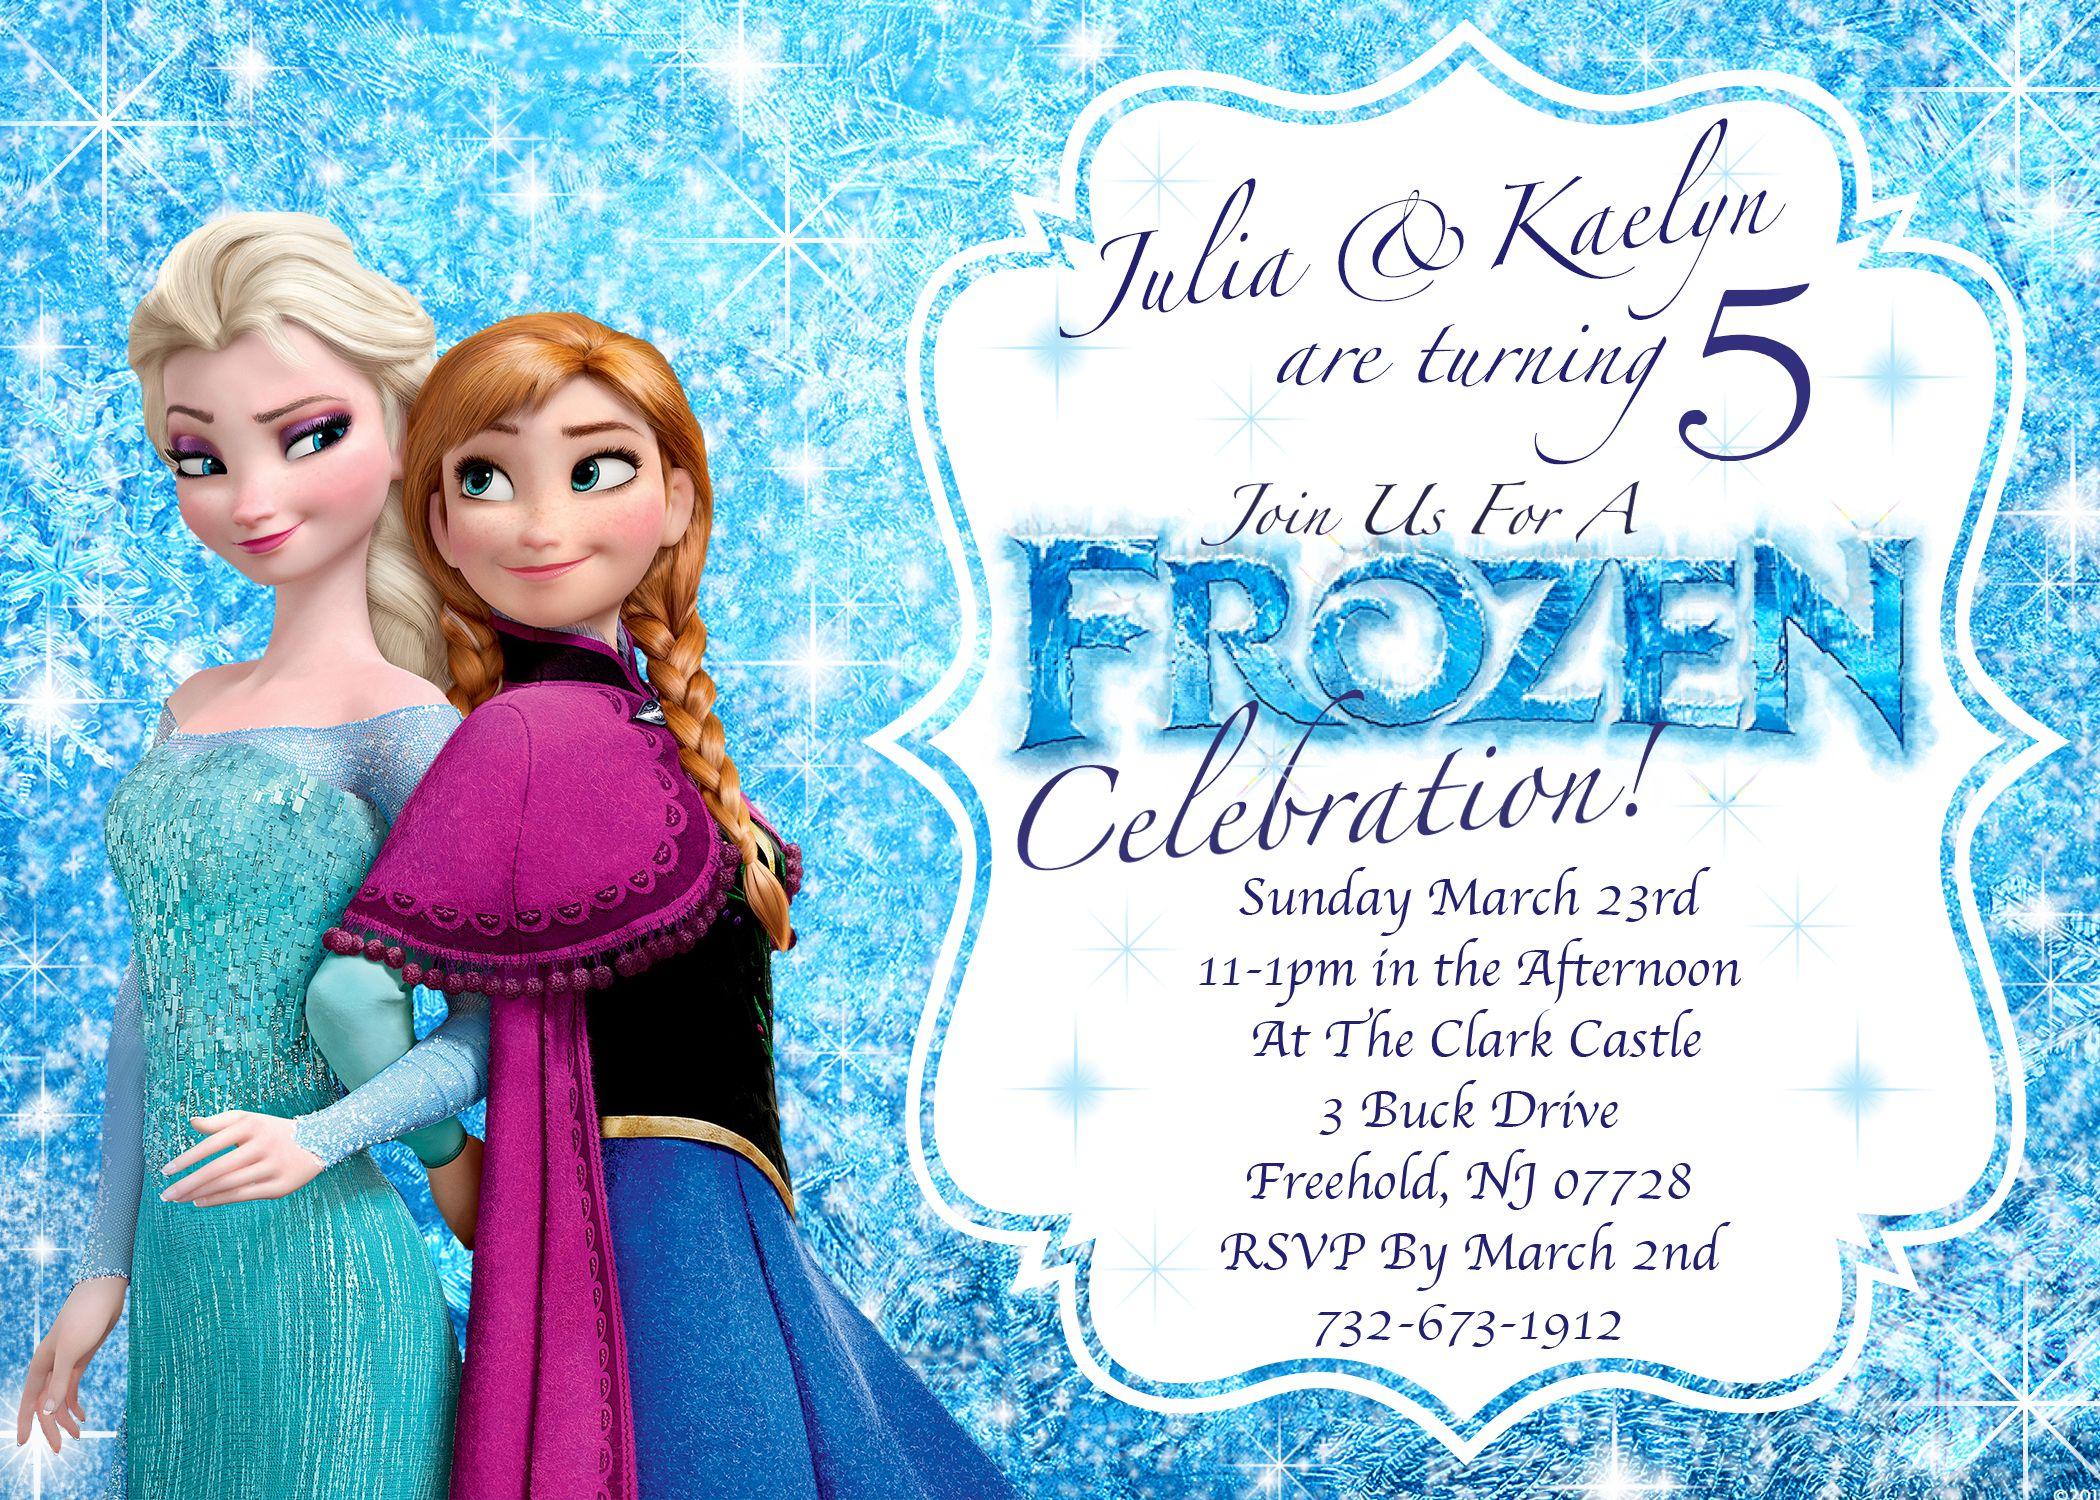 17 Best images about Frozen Party Idea's on Pinterest   Party ...